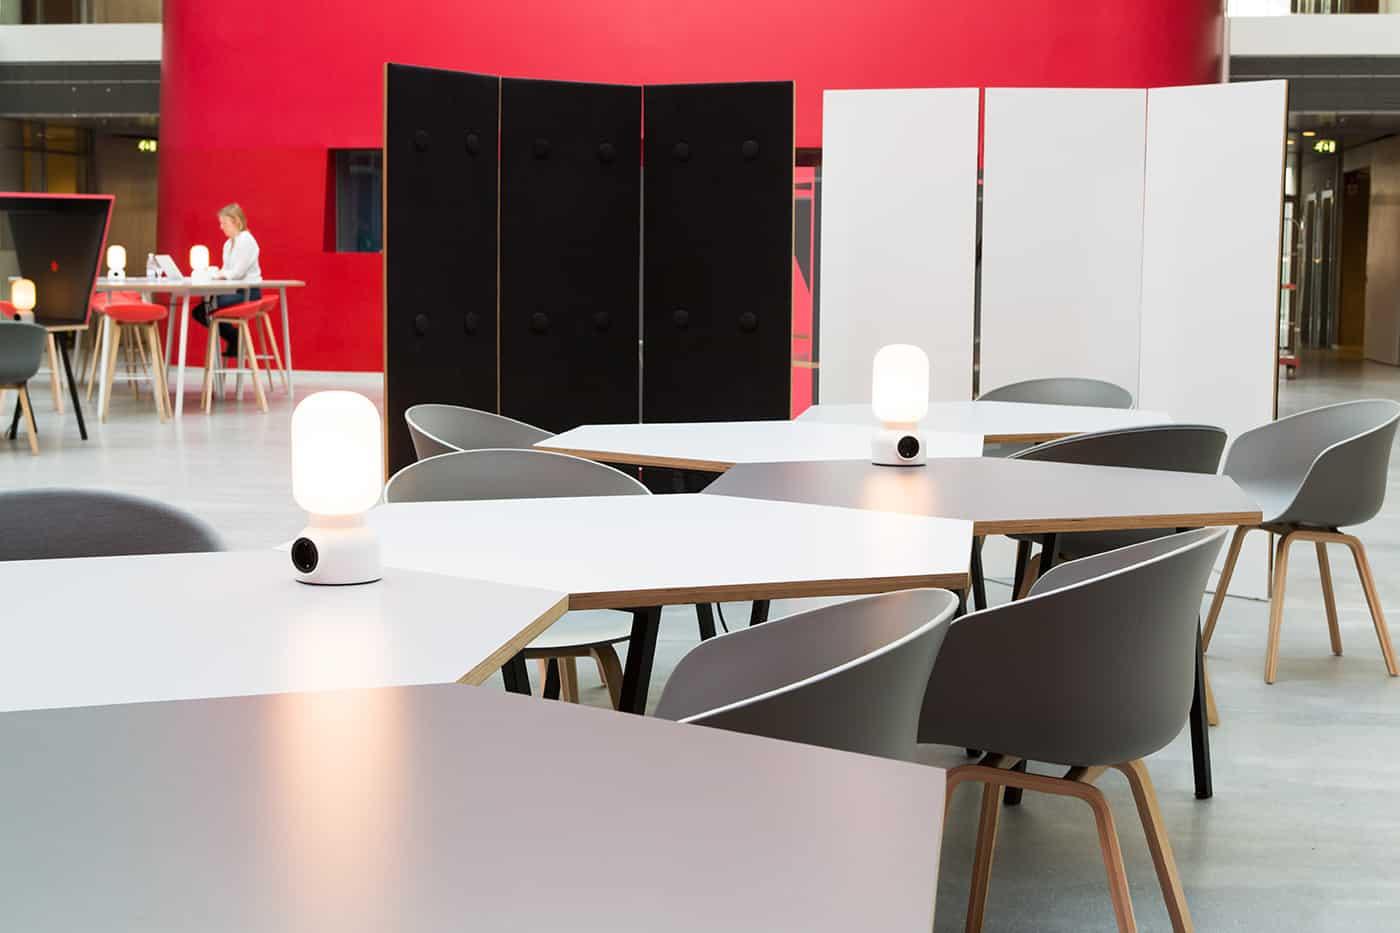 RITAarch DR Danmarks radio, indretning, lounge, DR gaden, Dr news, arbejdsområde, kontorindretning, mødehaven, kreativt møde, brainstorm, detalje indretning